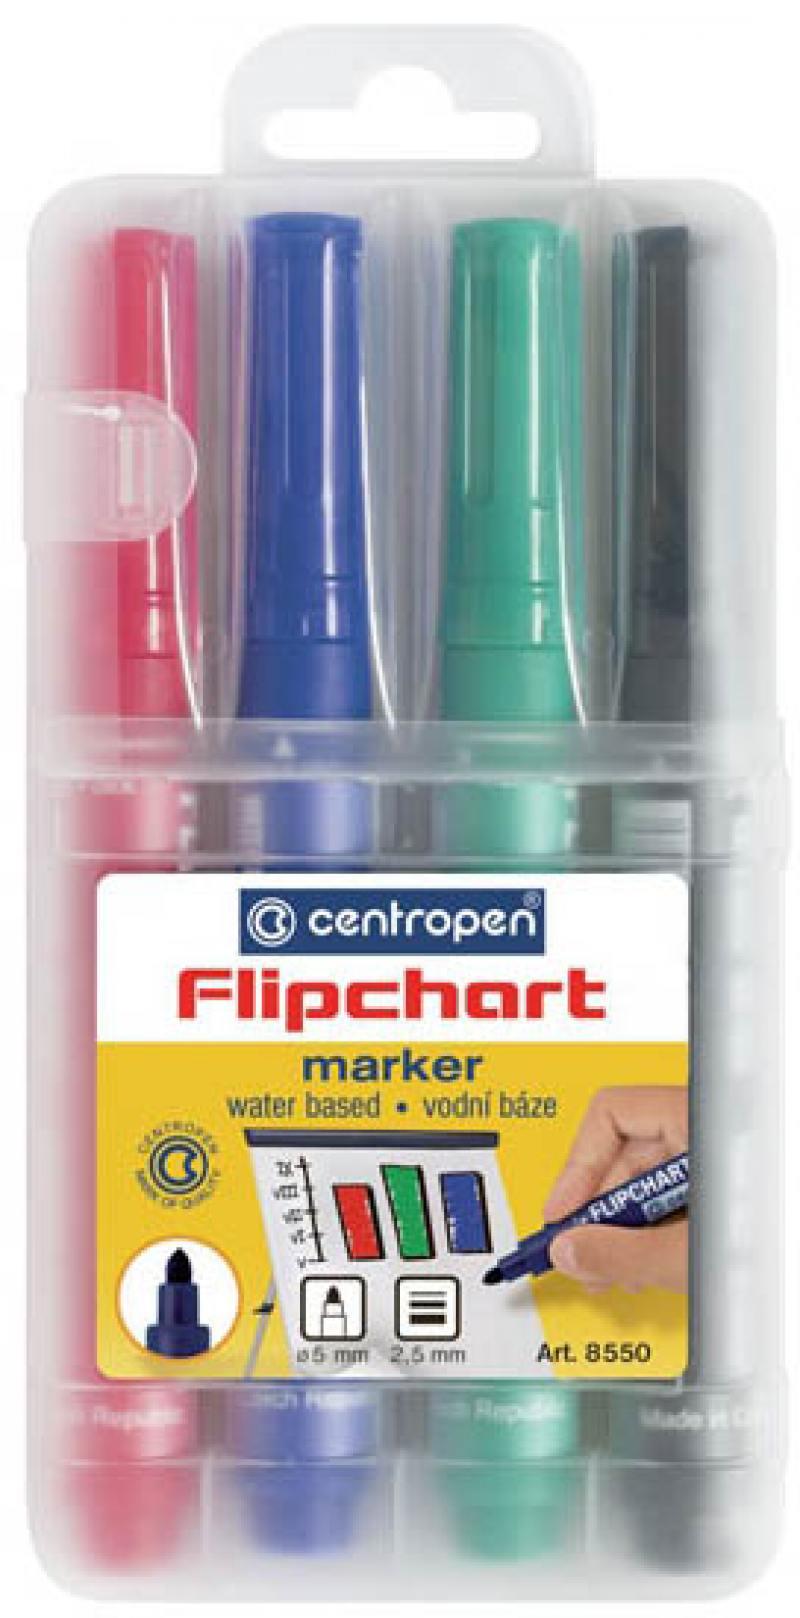 Набор маркеров Centropen FLIPCHART 2.5 мм 4 шт синий зеленый черный красный 8550/4 PVC 8550/4 PVC набор украшений елочных шары 10 шт 4 см